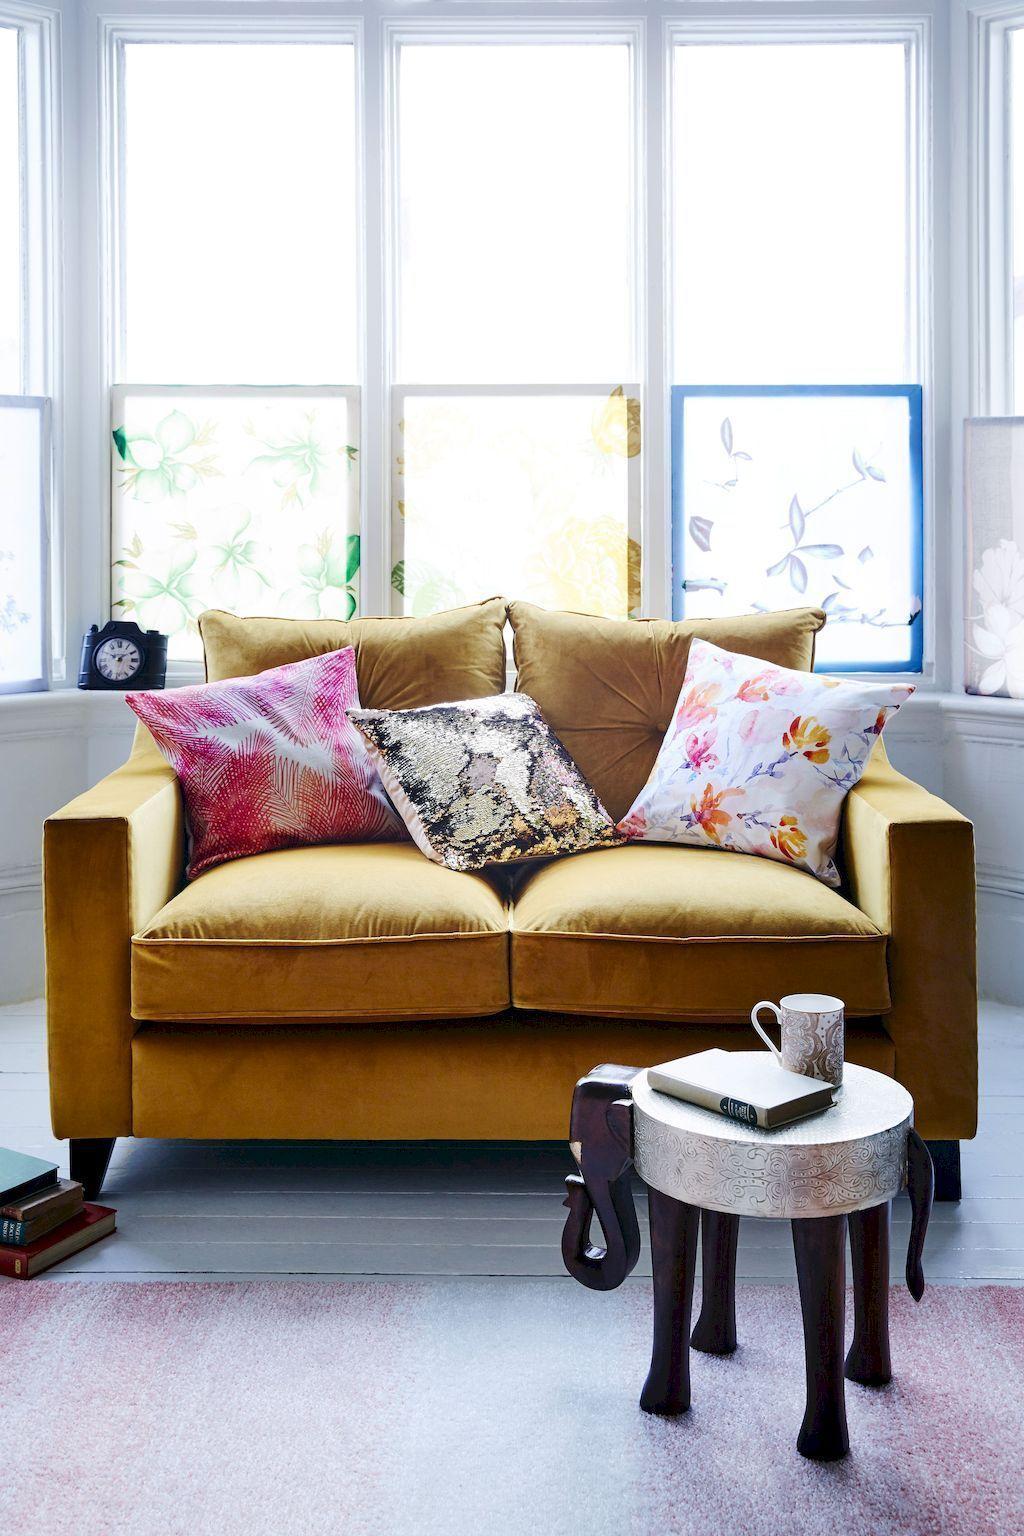 28 inspiring yellow sofas for living room decor ideas